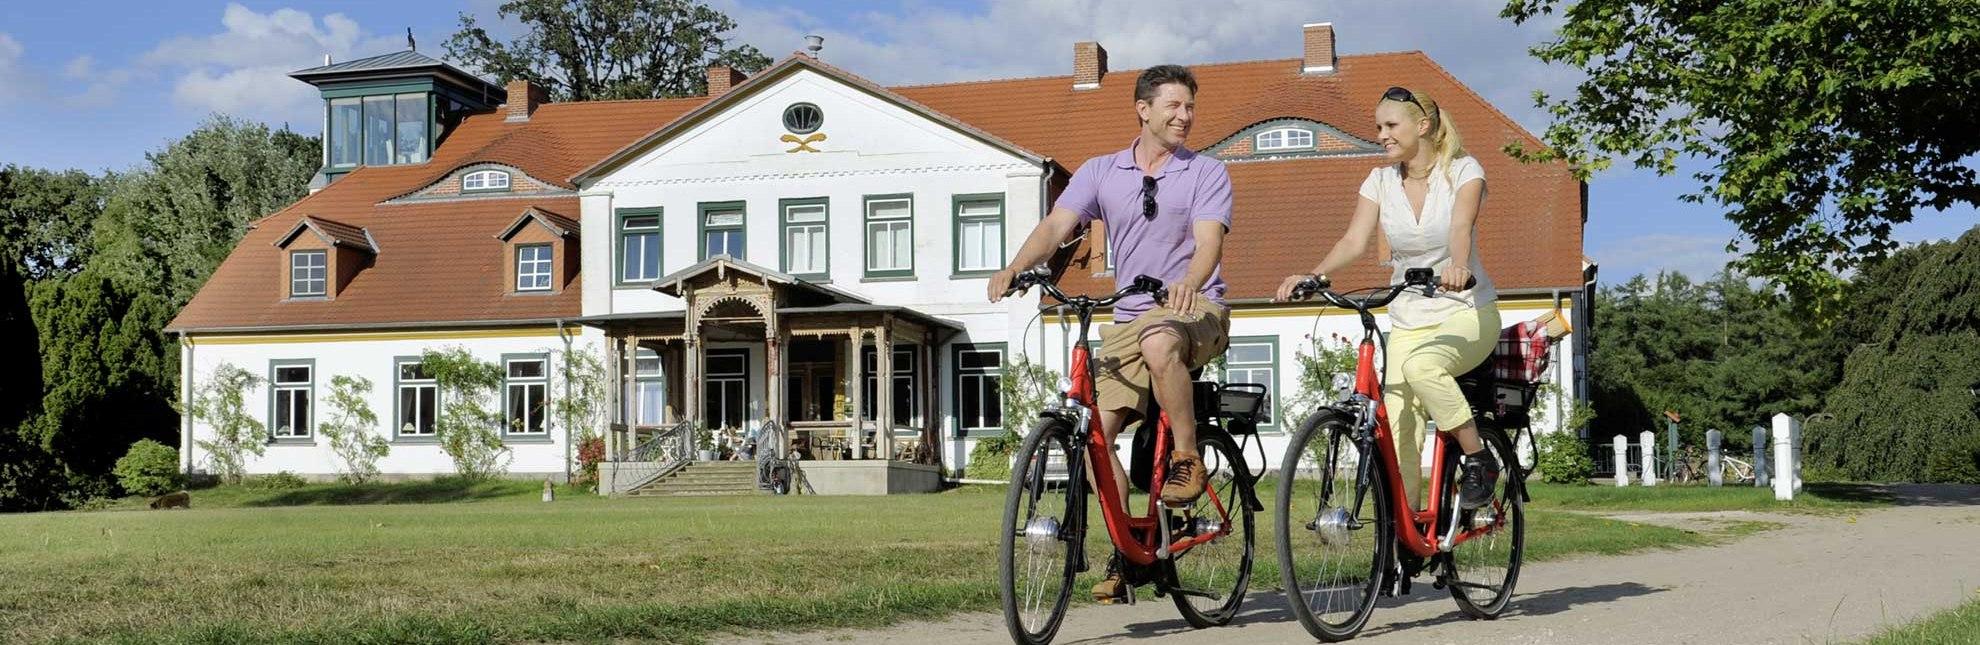 Gutshaus Groß Zecher mit Radfahrern, © photocompany/ HLMS